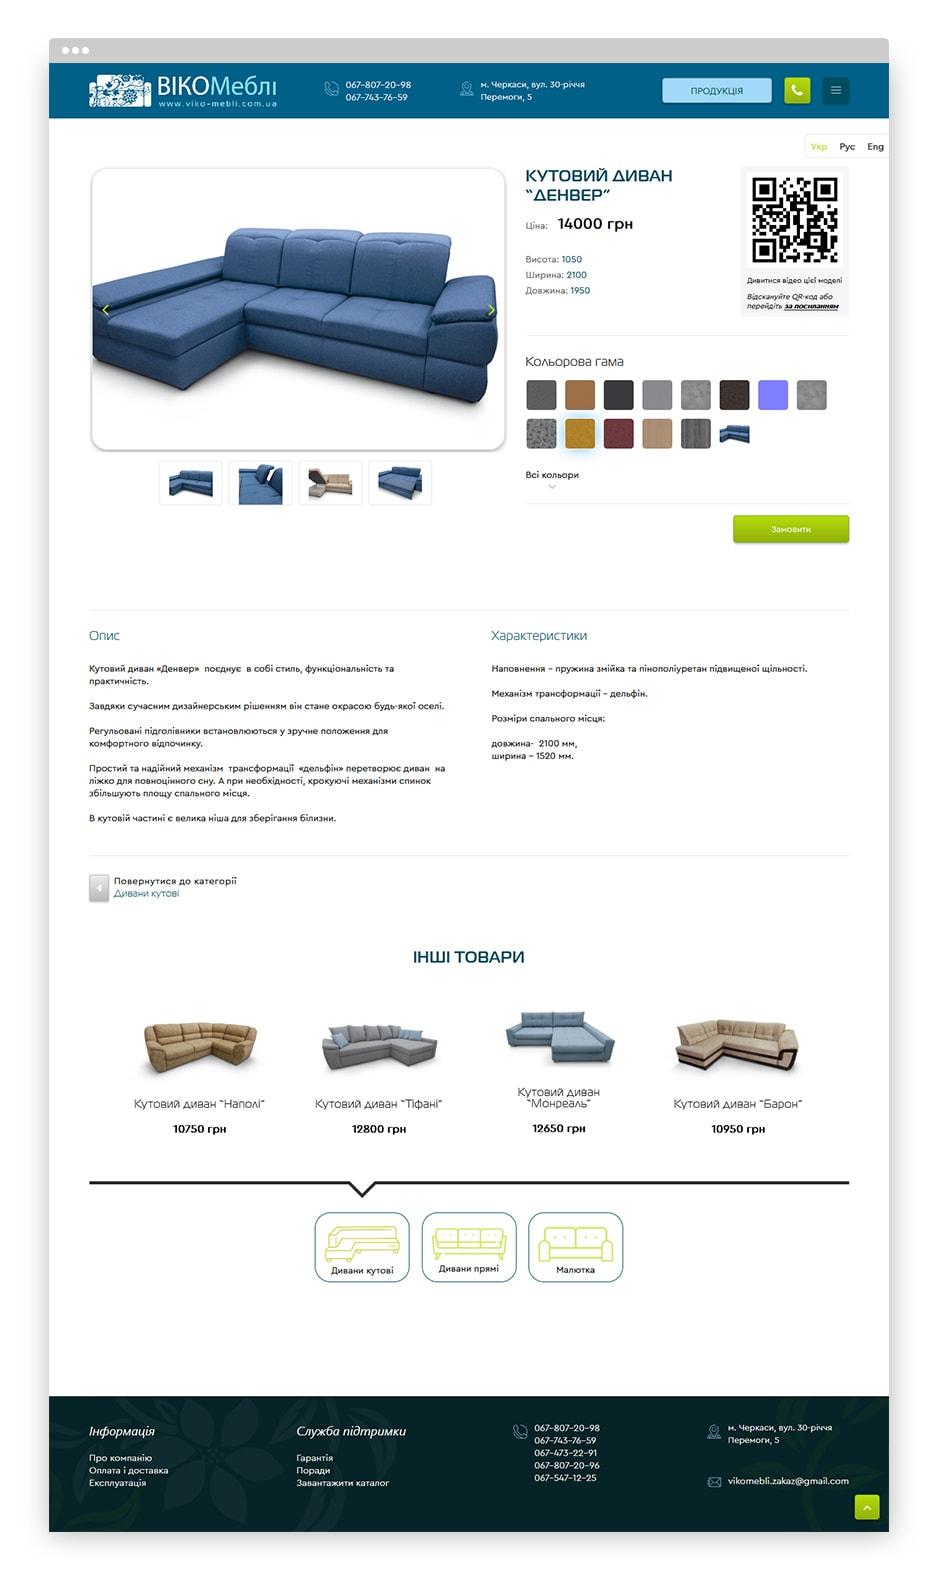 icreative.com.ua_vika_mebli_portfolio_2